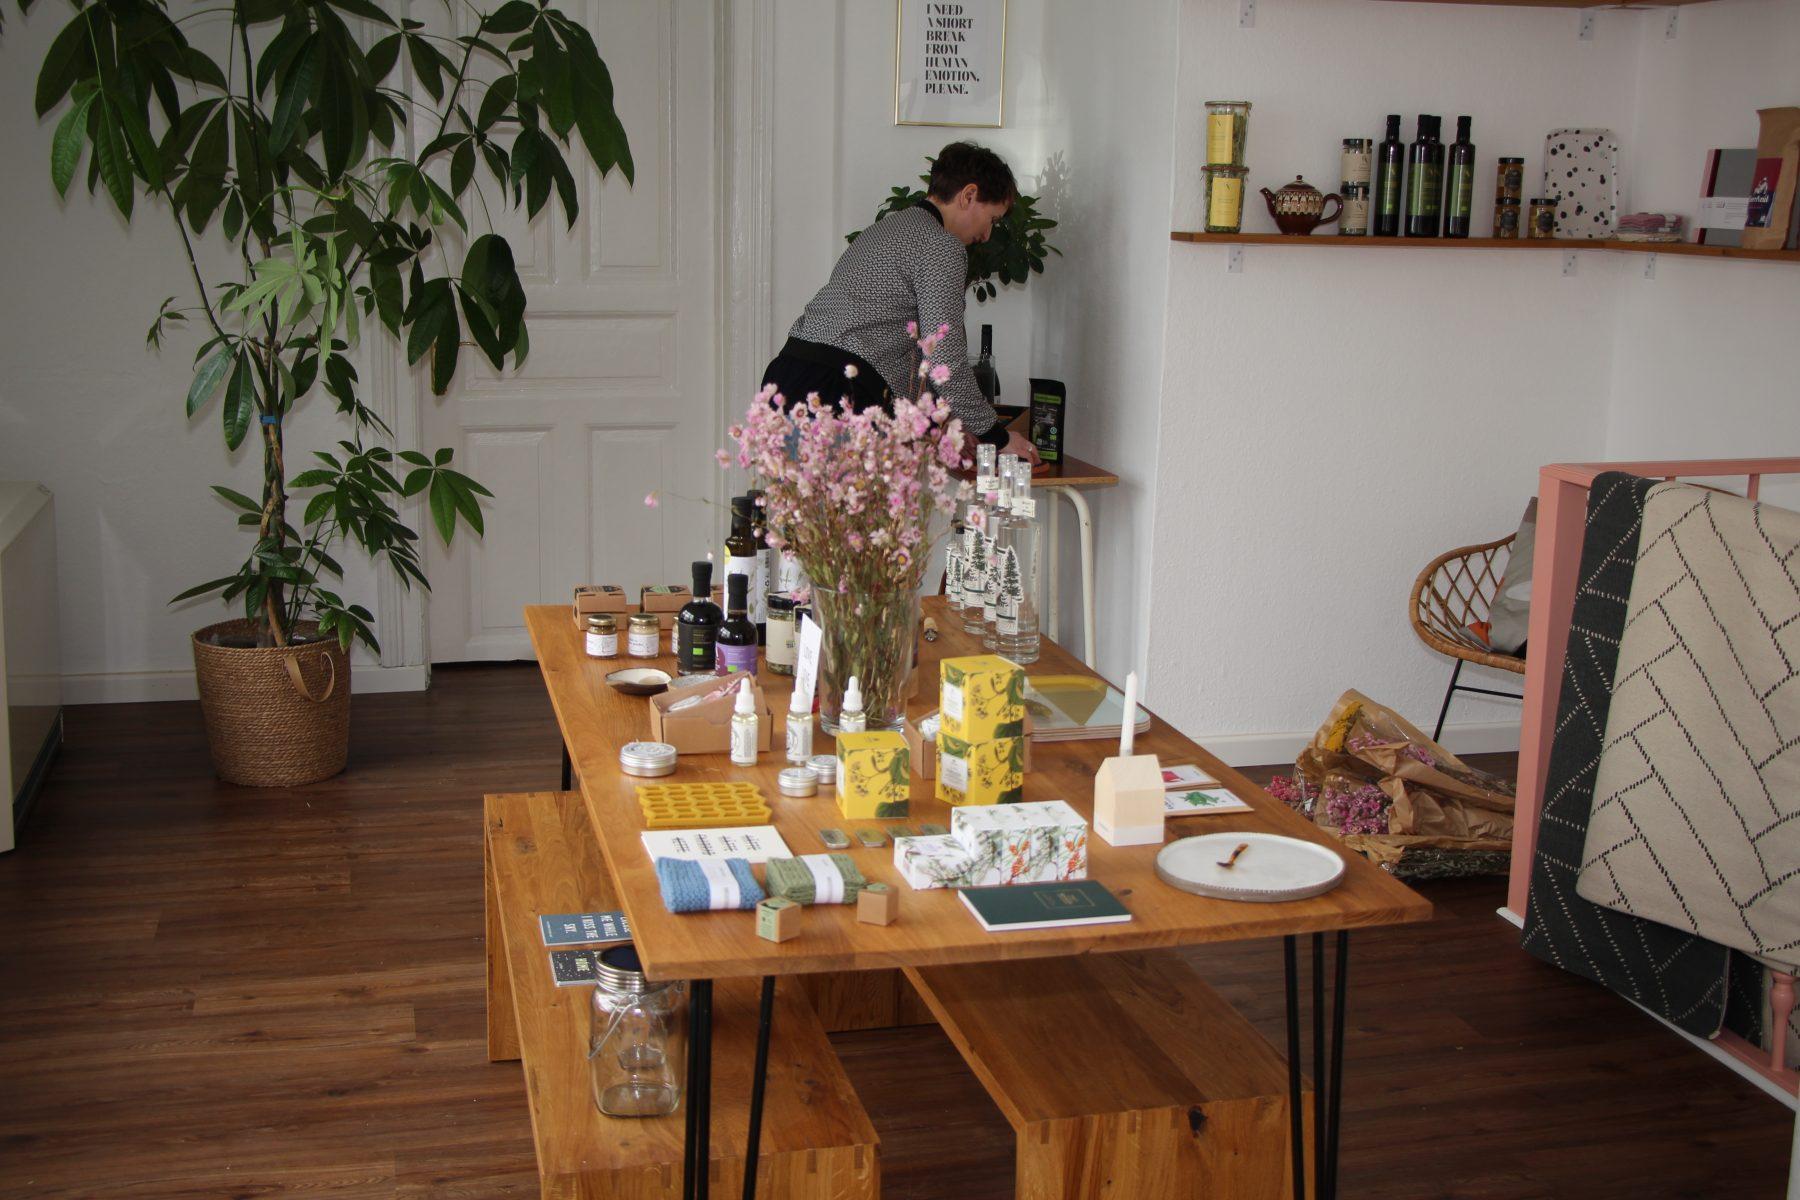 Pröbstl verkauft in ihrem Laden unter anderem Design und Kosmetik. Foto: Sophia Kleiner